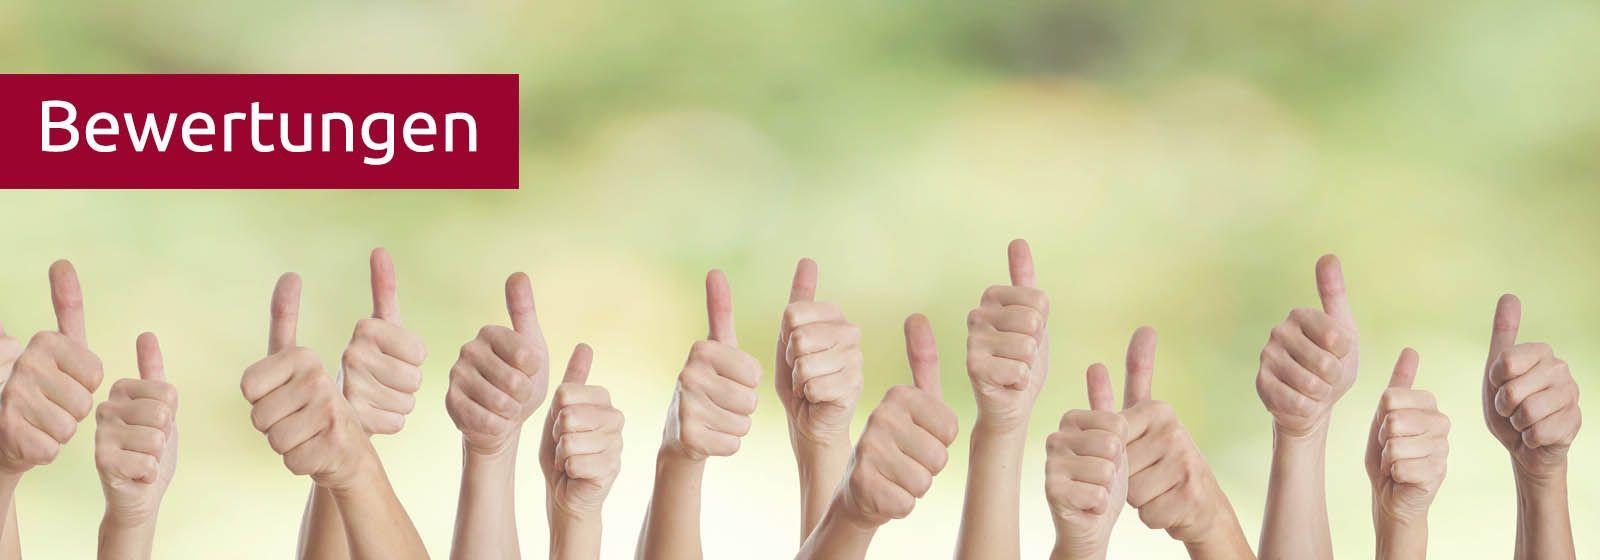 ewertungen und Erfahrungsberichte im Online-Shop von Alternativ Gesund